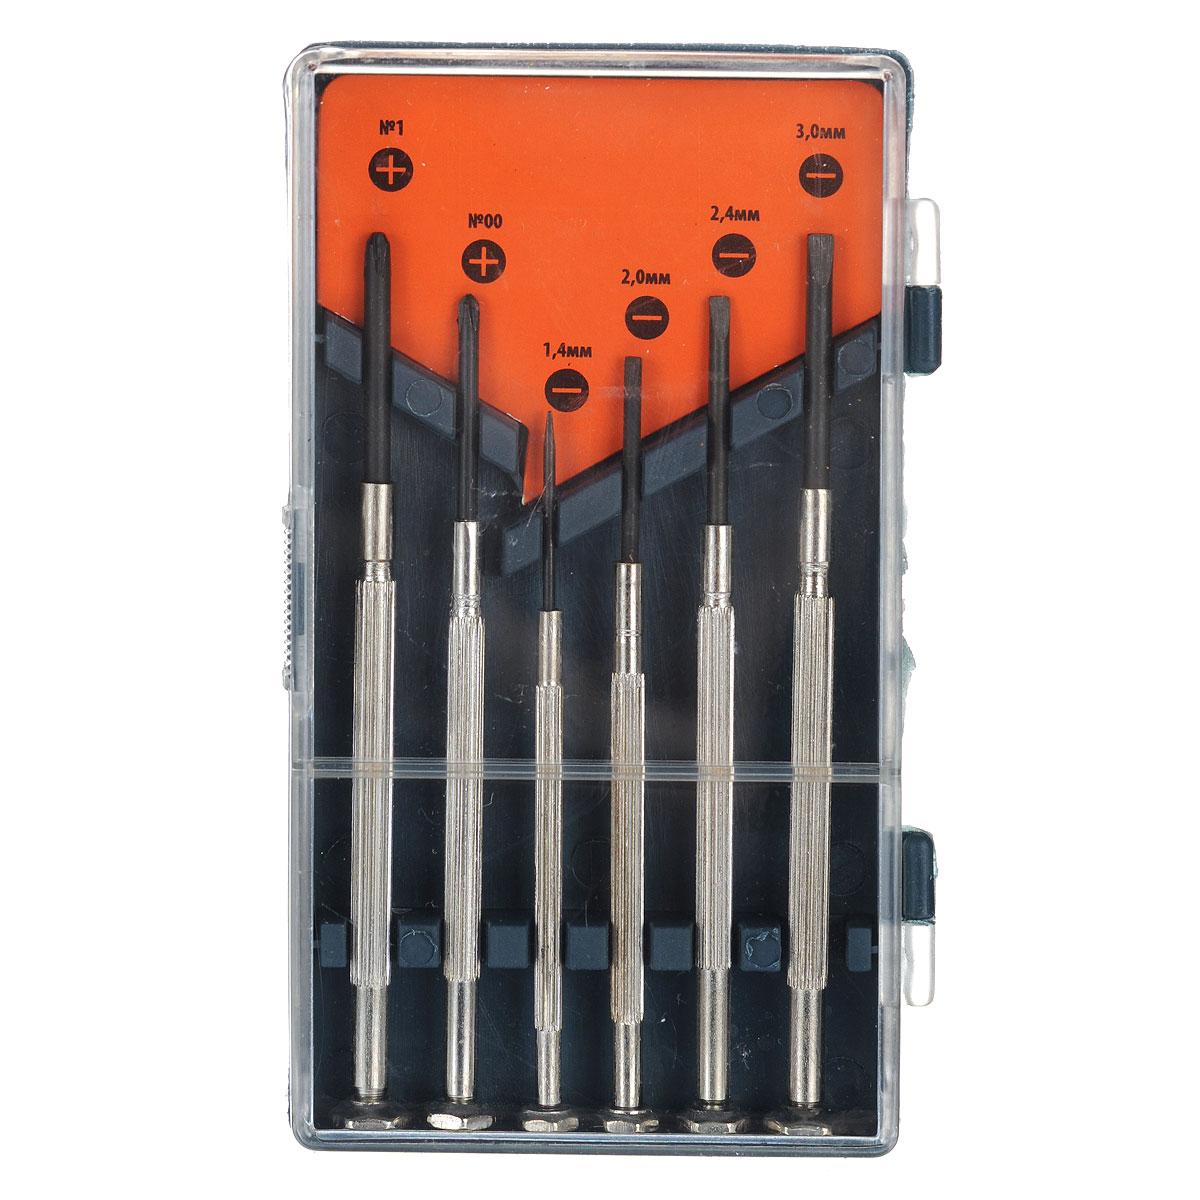 Набор отверток для точной механики Sparta, 6 шт133445Набор отверток Sparta предназначен для ремонта и обслуживания портативных электронных приборов и техники. Отвертки изготовлены из высококачественной стали. Состав набора: Отвертки крестовые: 1,4 мм, 2 мм, 2,4 мм, 3 мм. Отвертки крестовые: PH00, PH1. Пластиковый футляр для переноски и хранения.